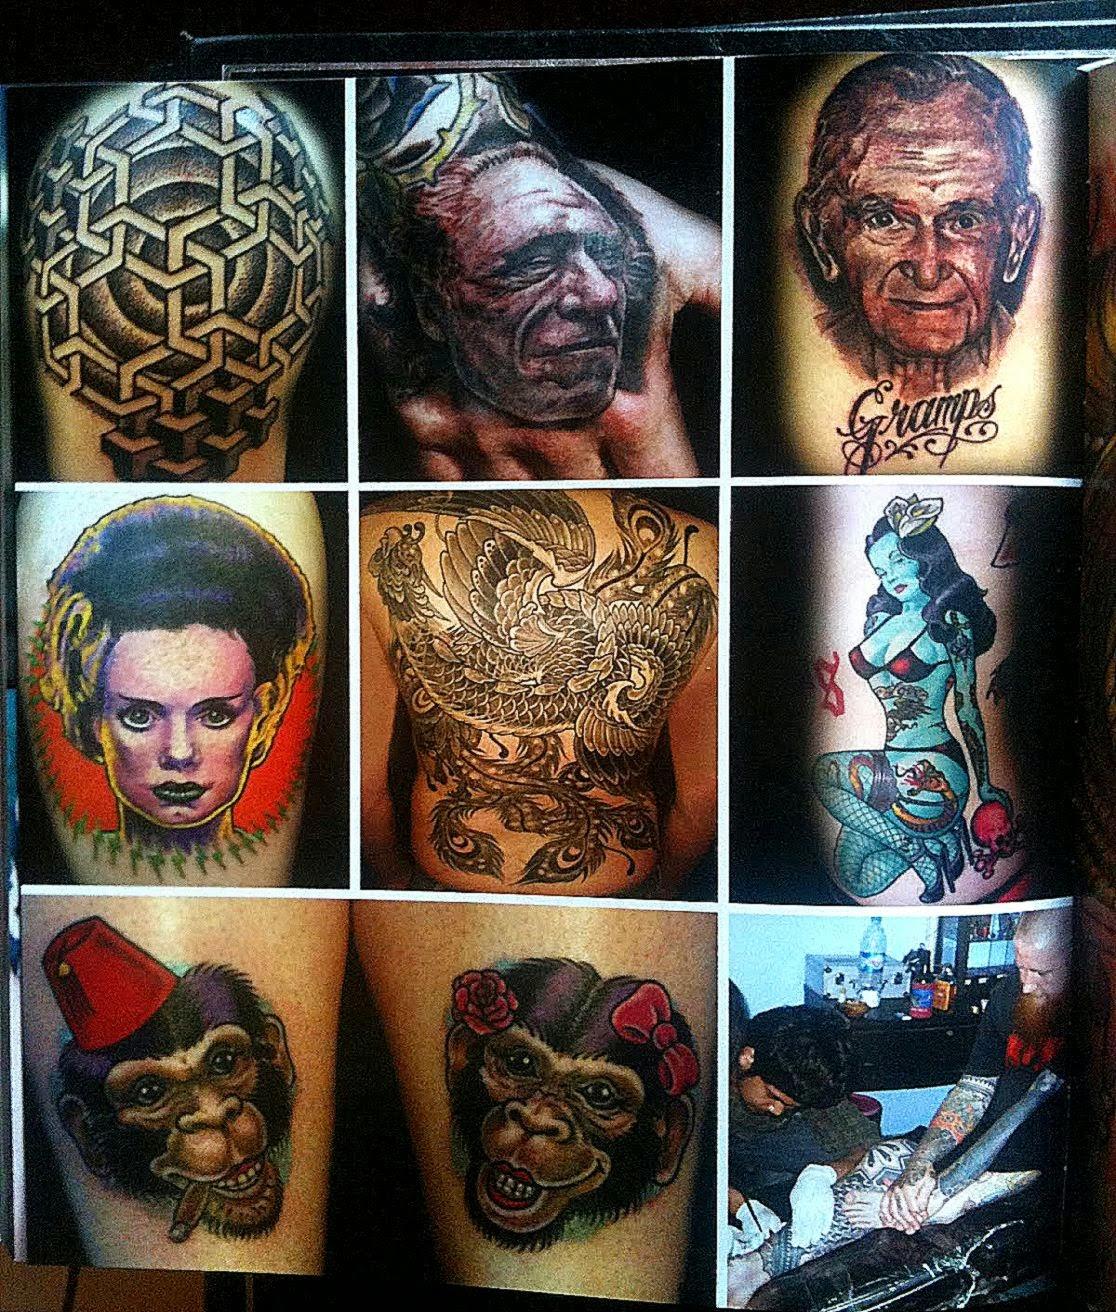 Third Eye Tattoo Guest artist Shep